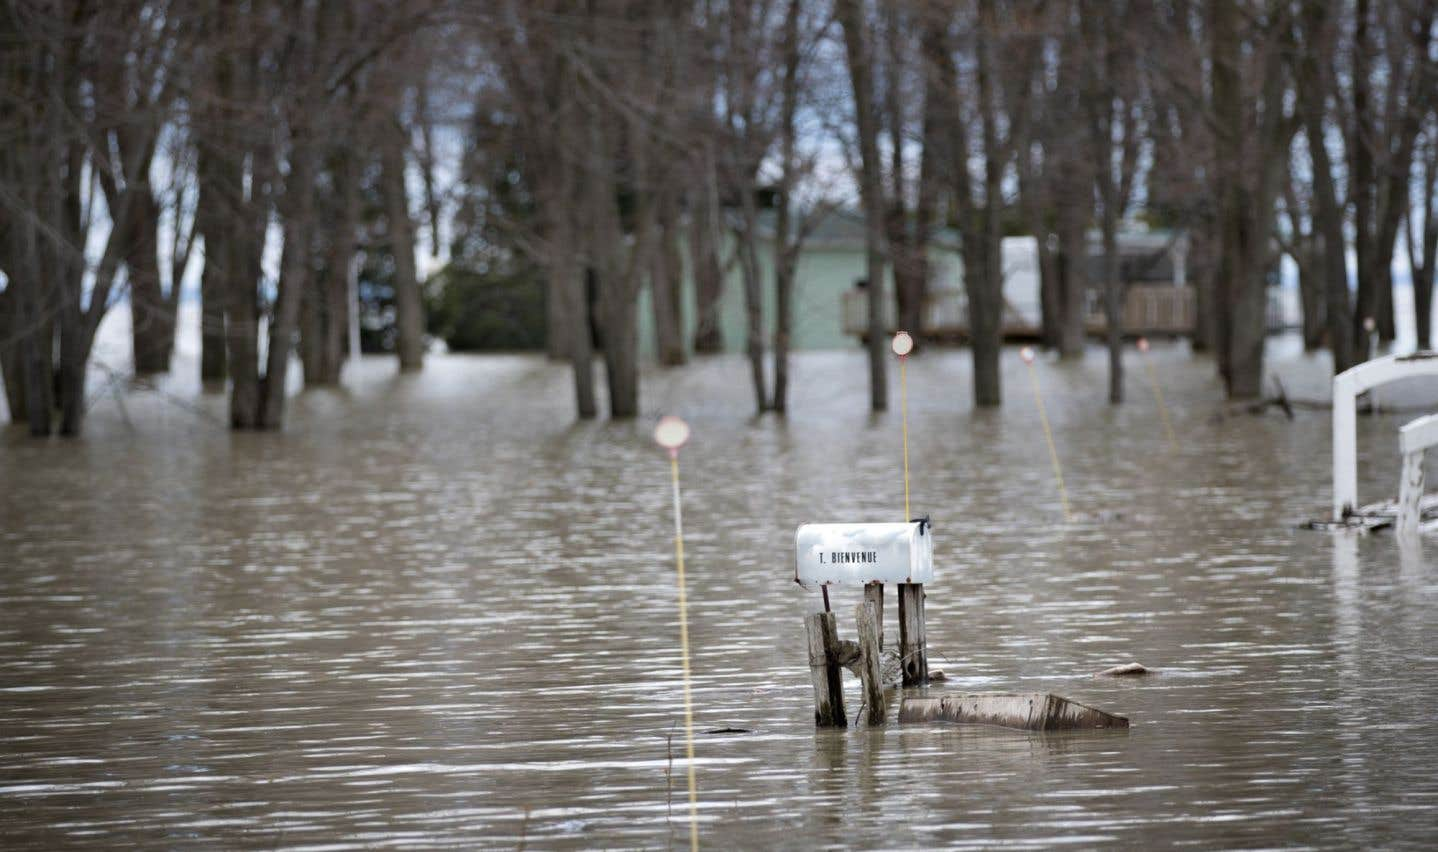 La destruction des milieux humides contribue aux inondations